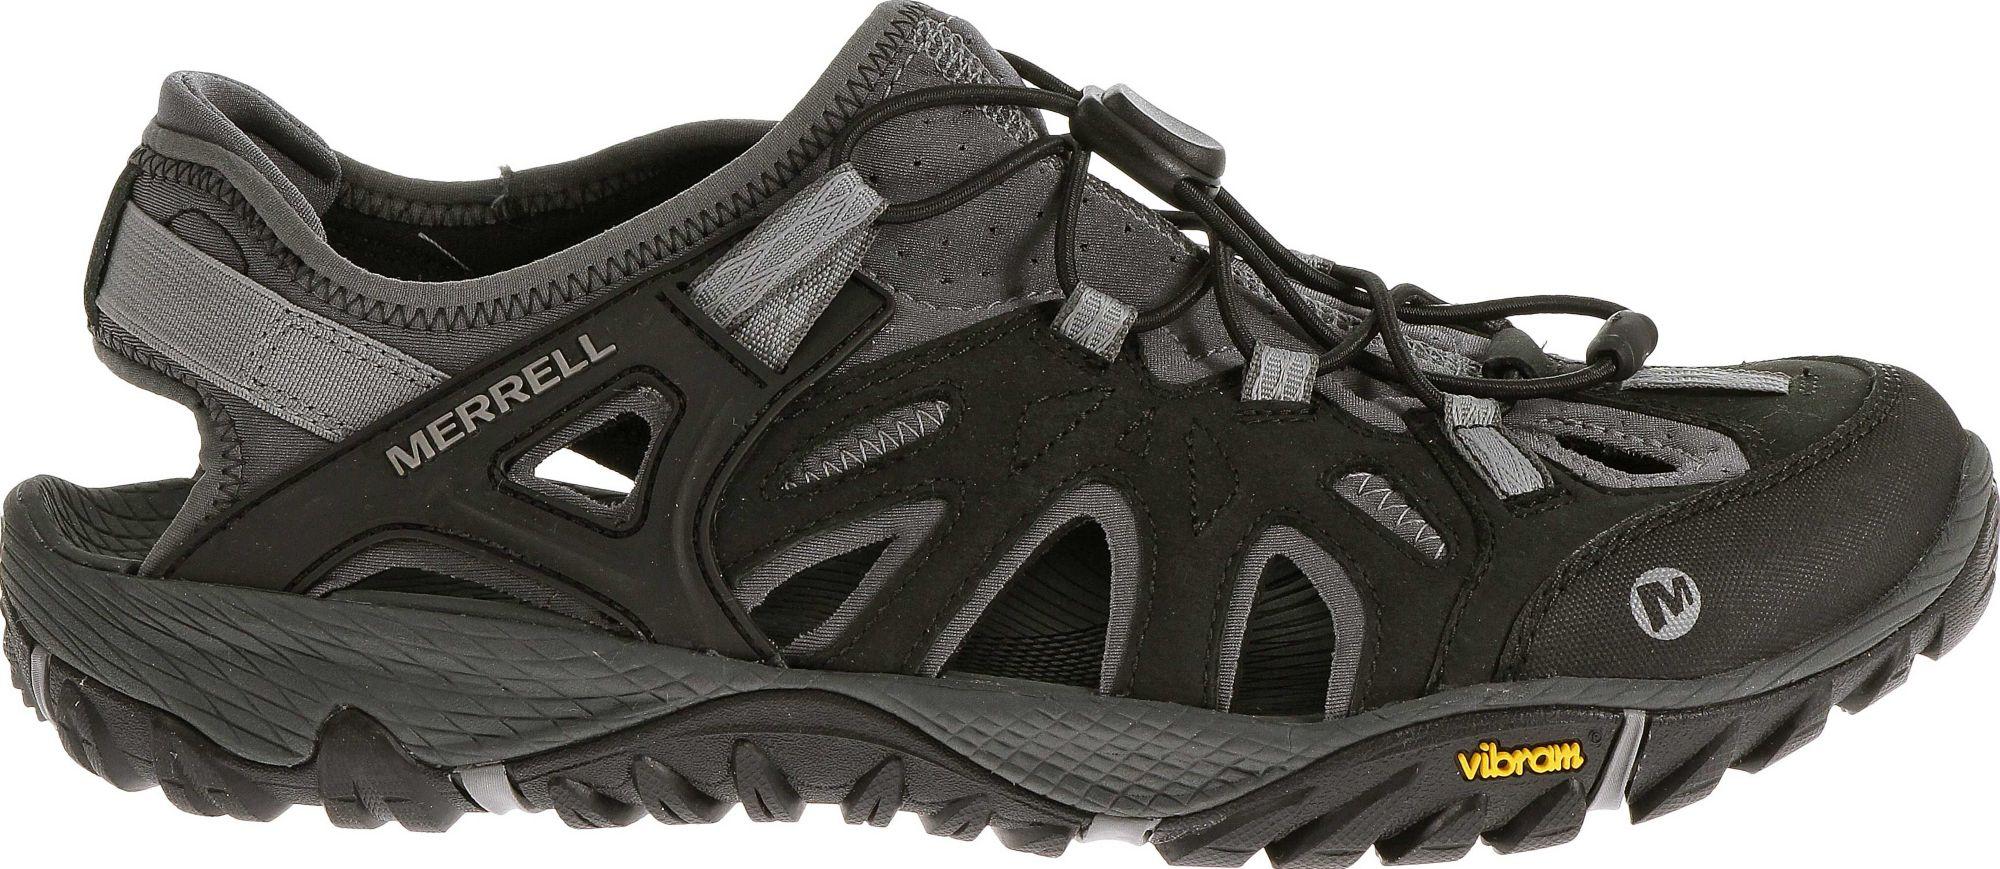 Black merrell sandals - Noimagefound